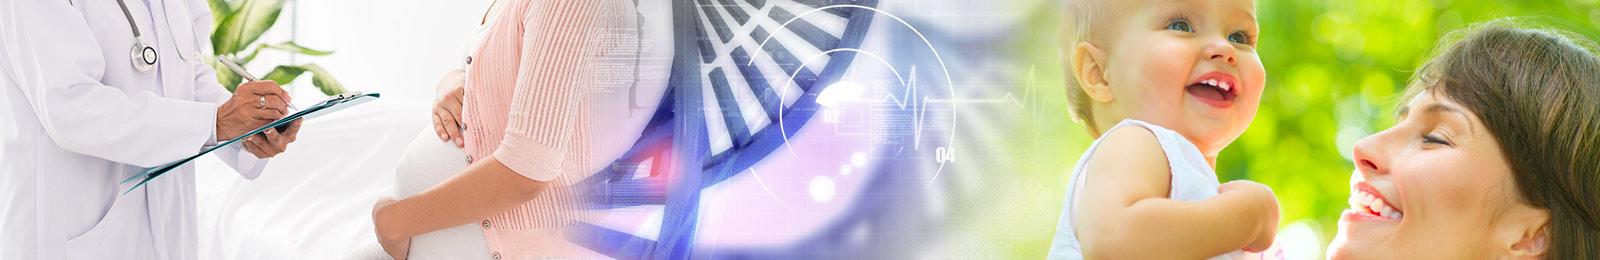 progeny_report